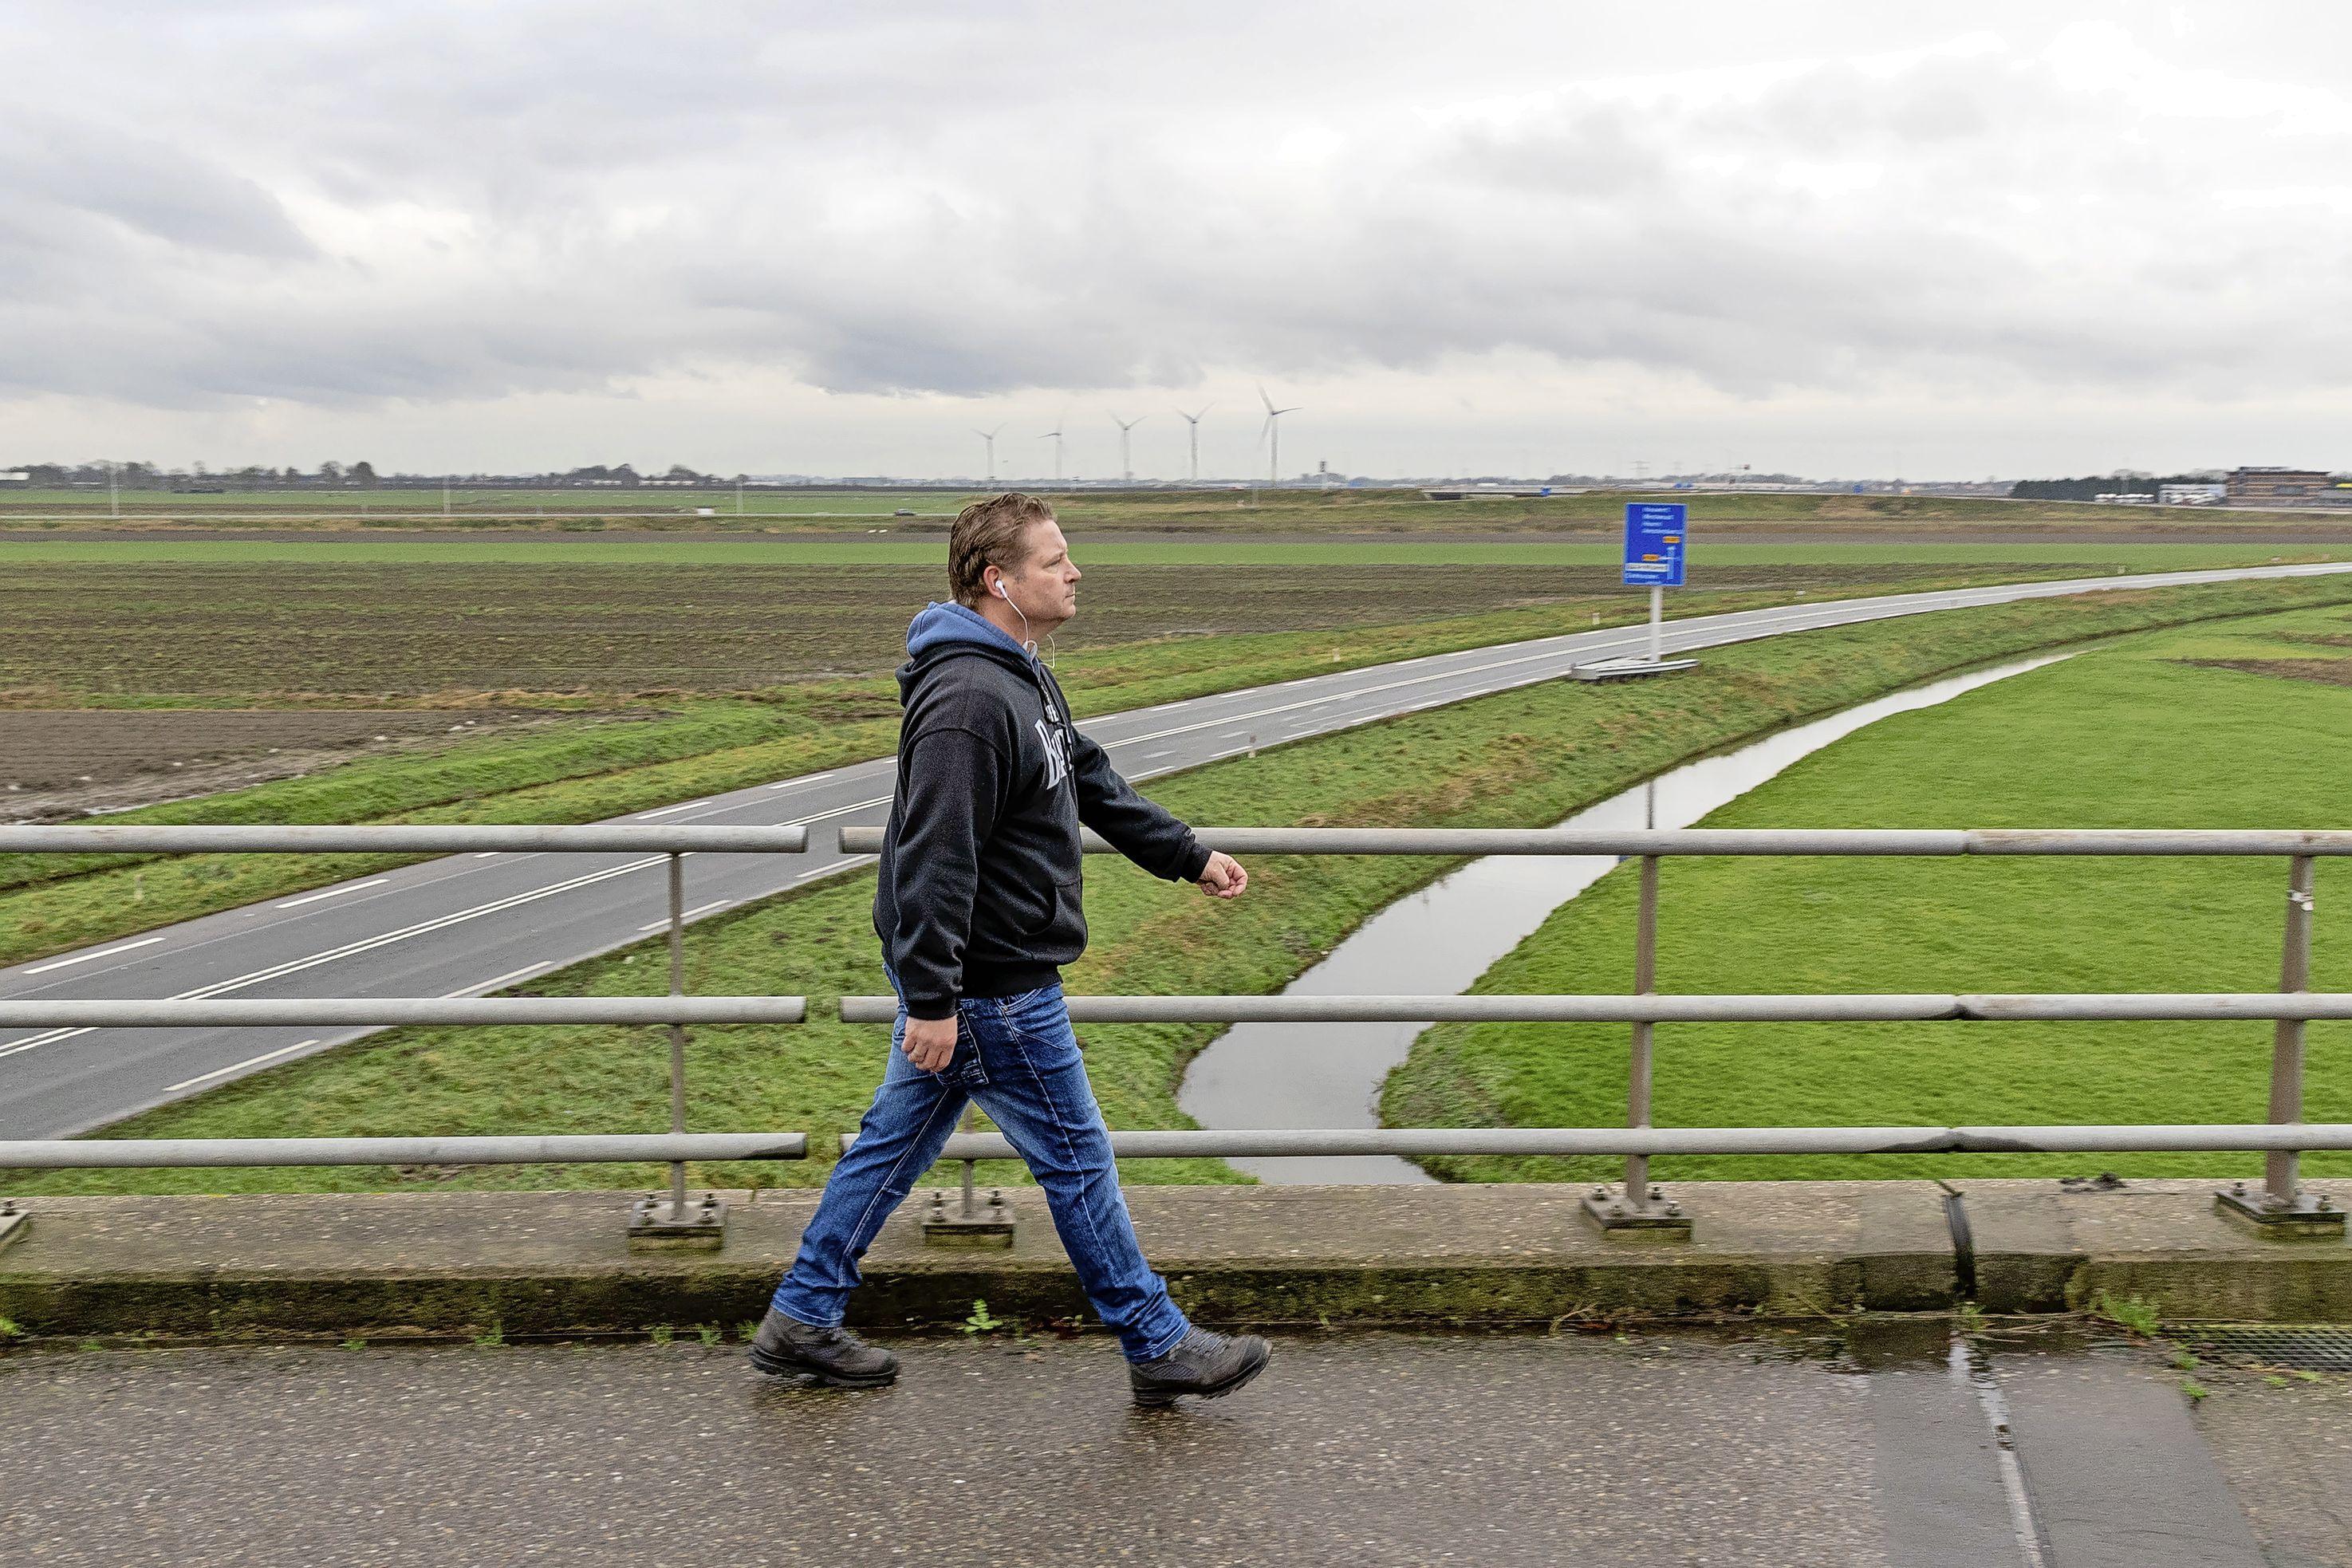 CDA wil extra ontsluiting voor Hoogkarspel op Drechterlandseweg: 'Honderden nieuwe woningen gebouwd waarop wegennet niet is aangepast'